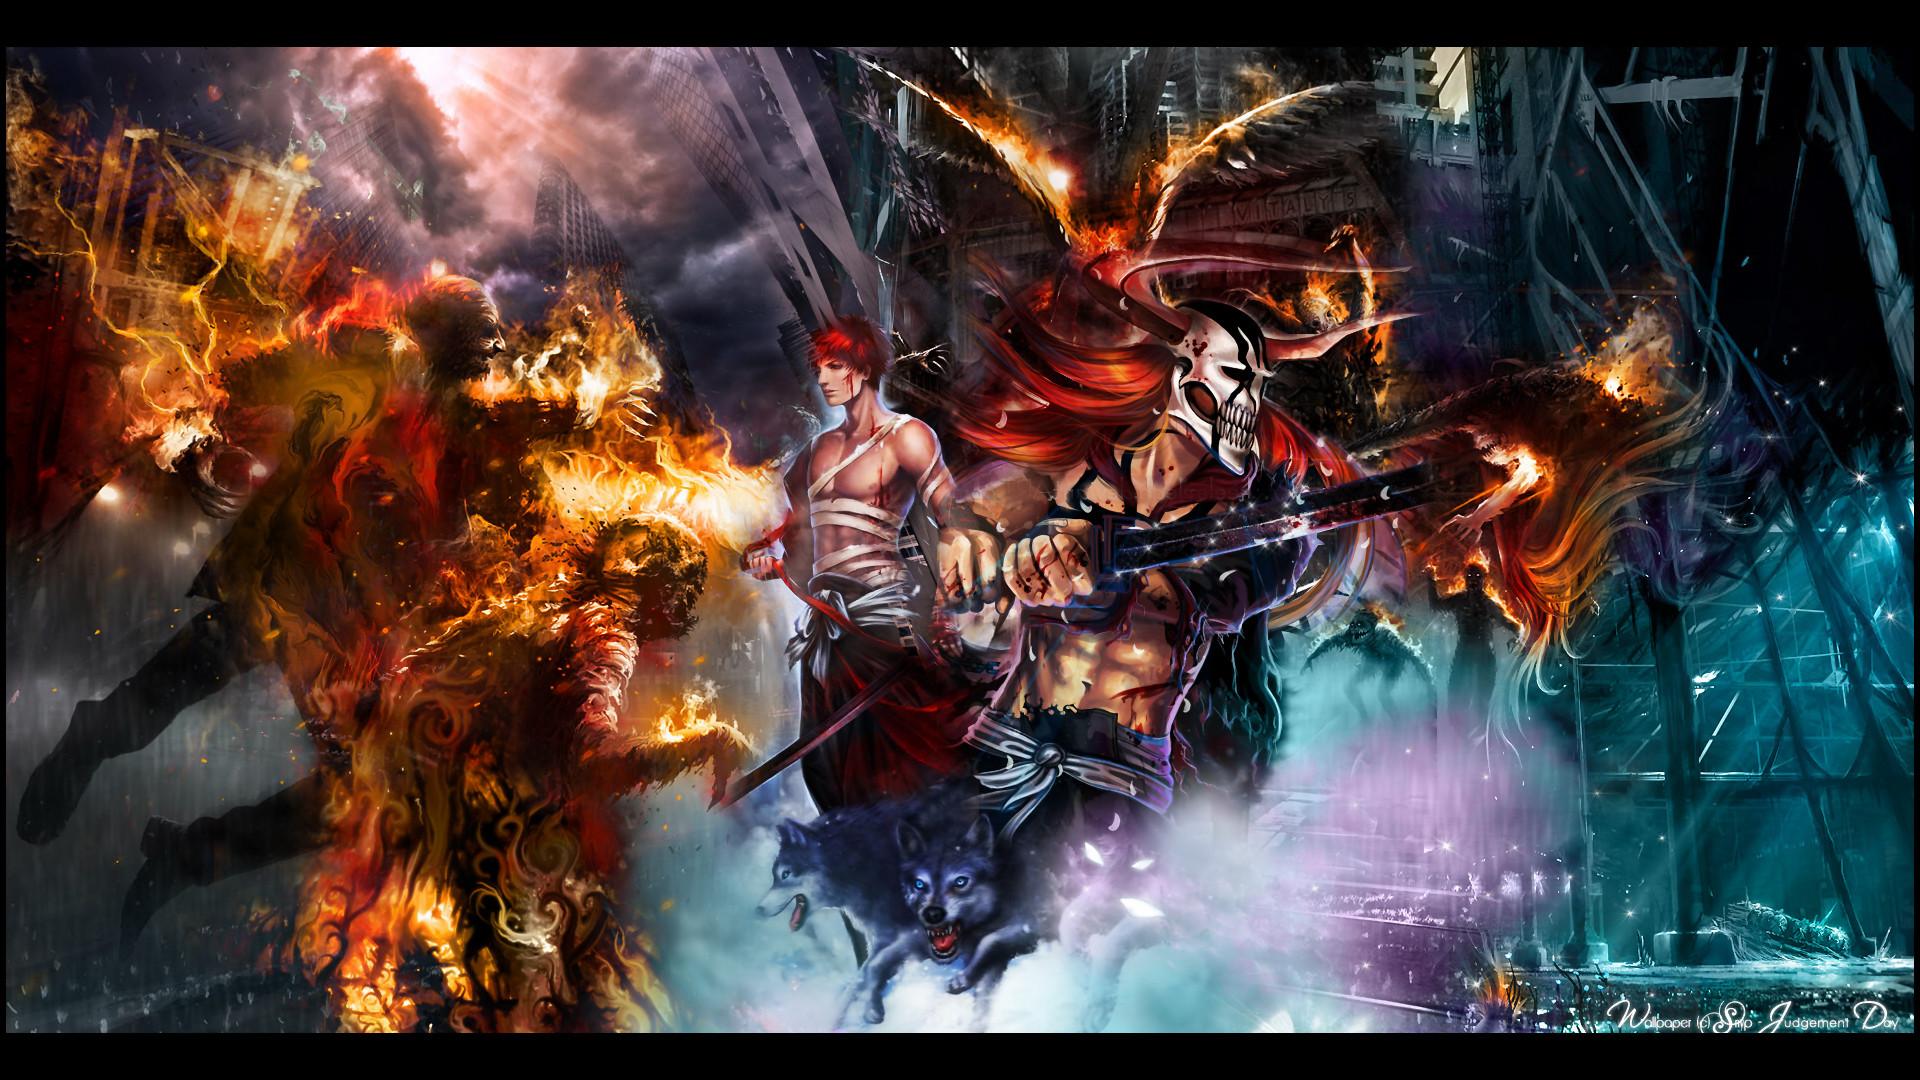 Animal bleach fire kurosaki ichigo red hair weapon wolf wallpaper      72837   WallpaperUP